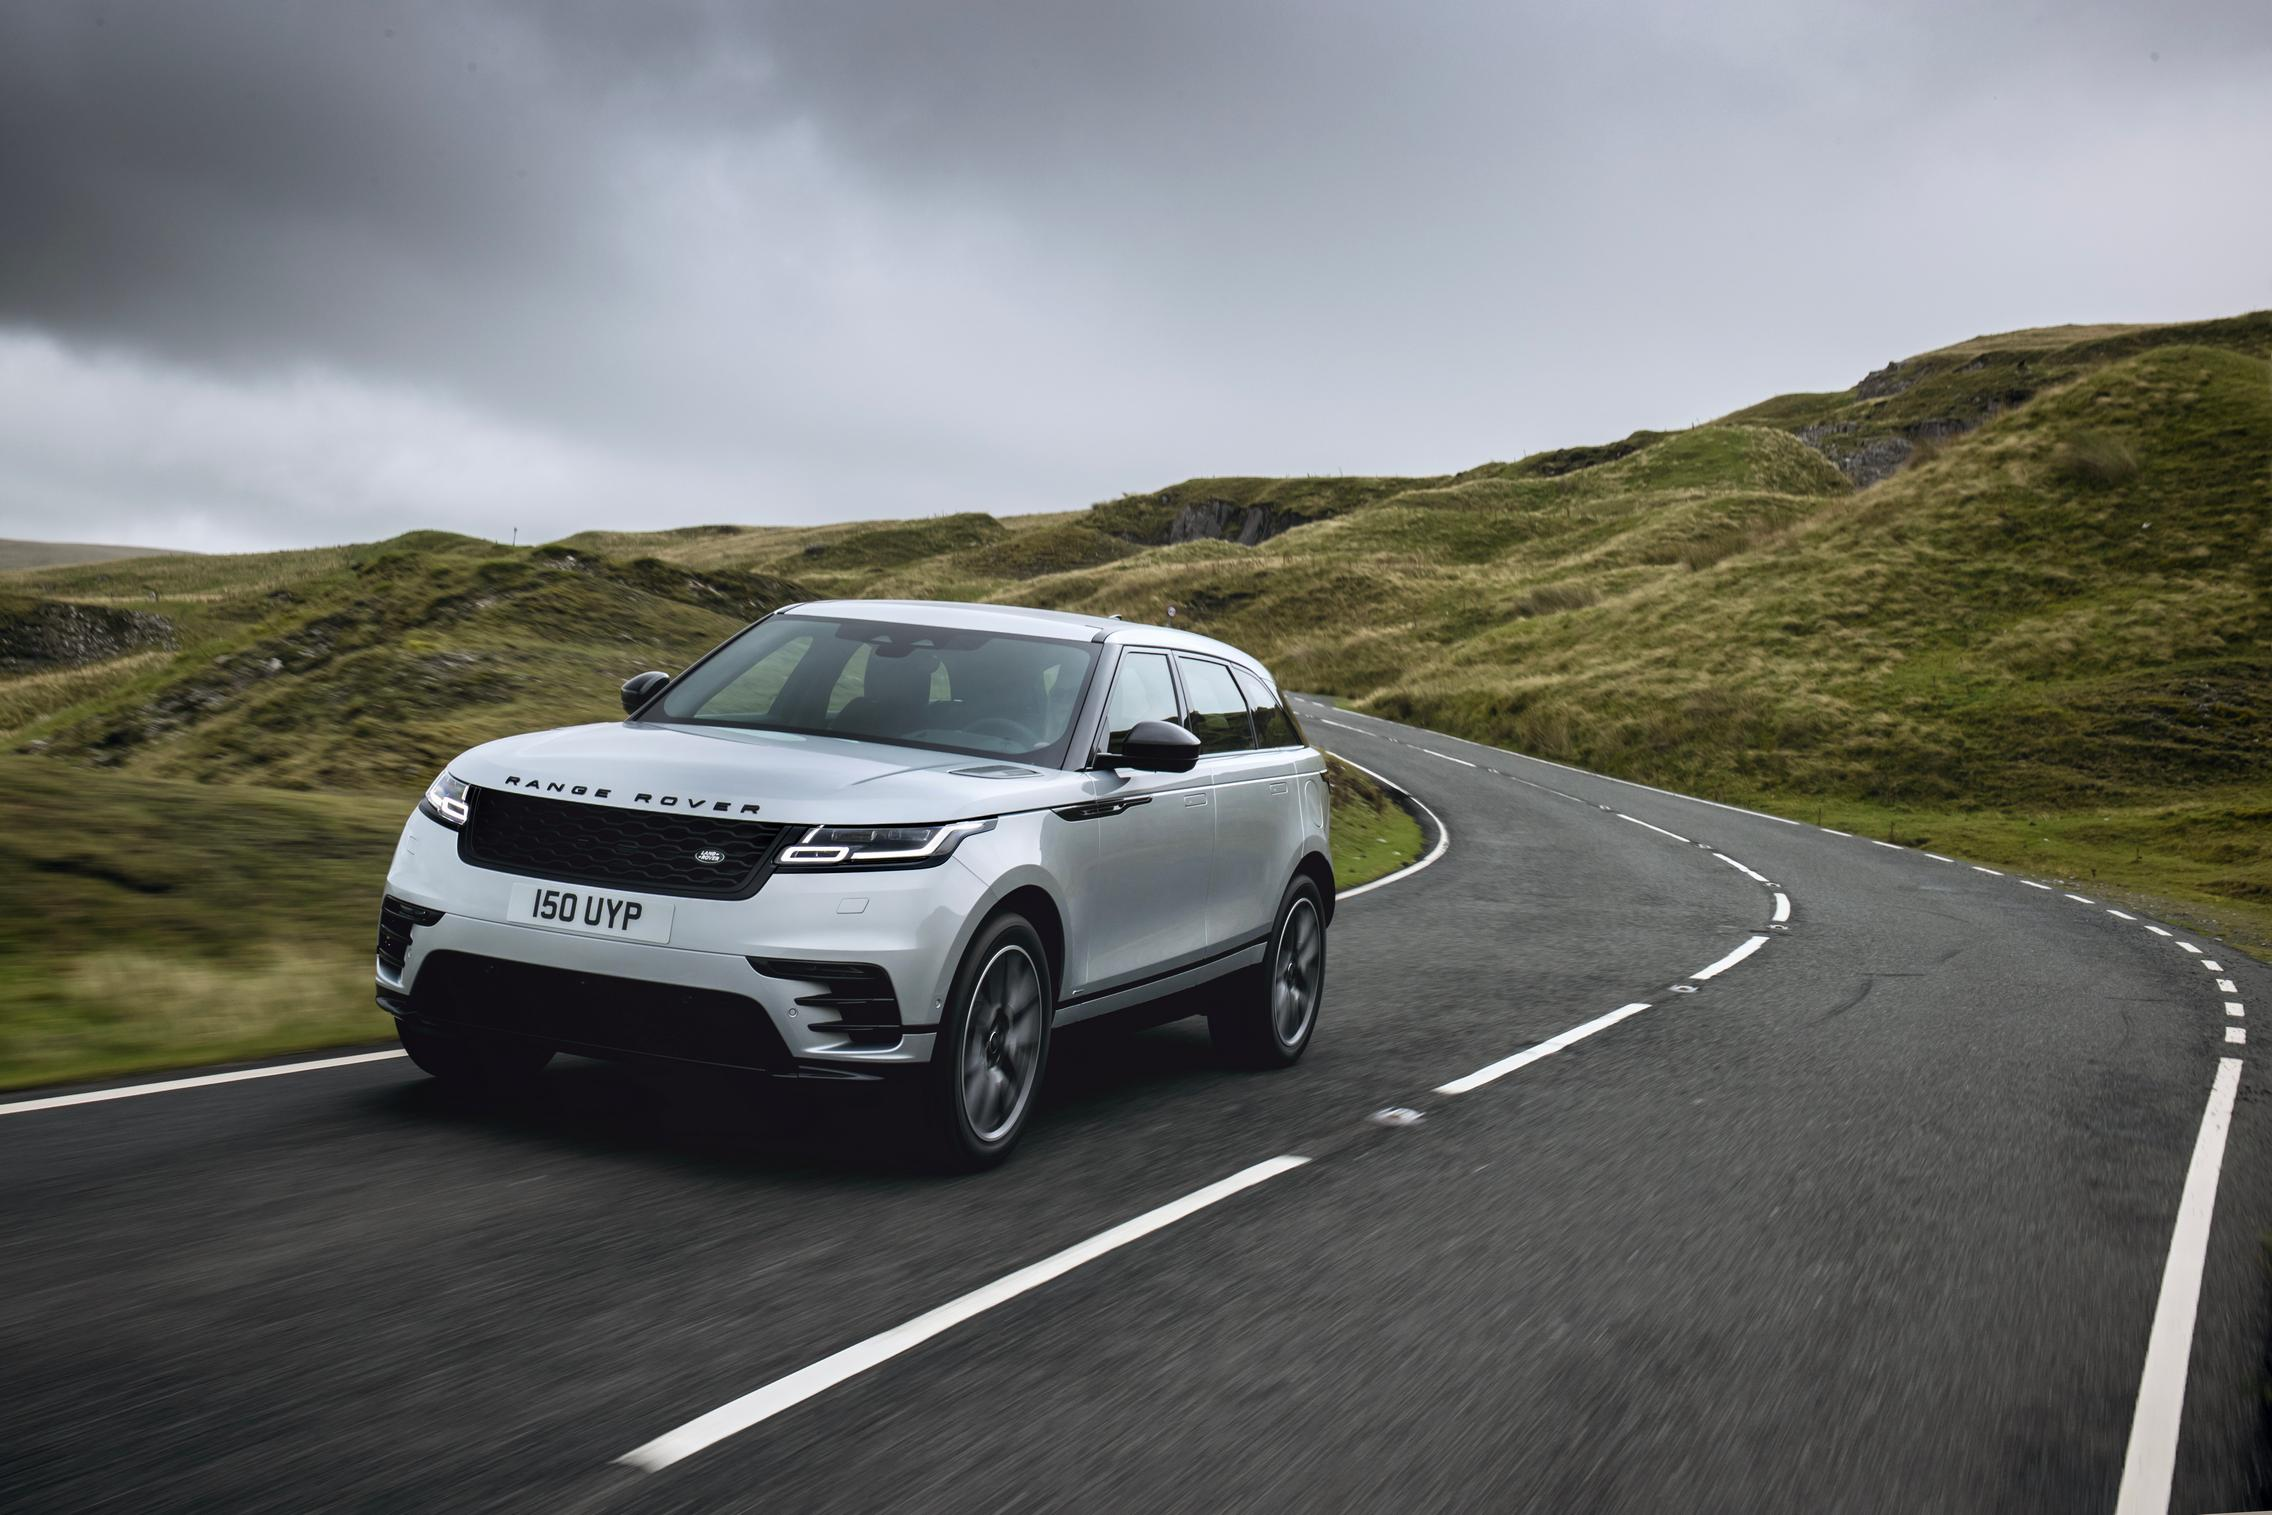 2021 Range Rover Velar Specs